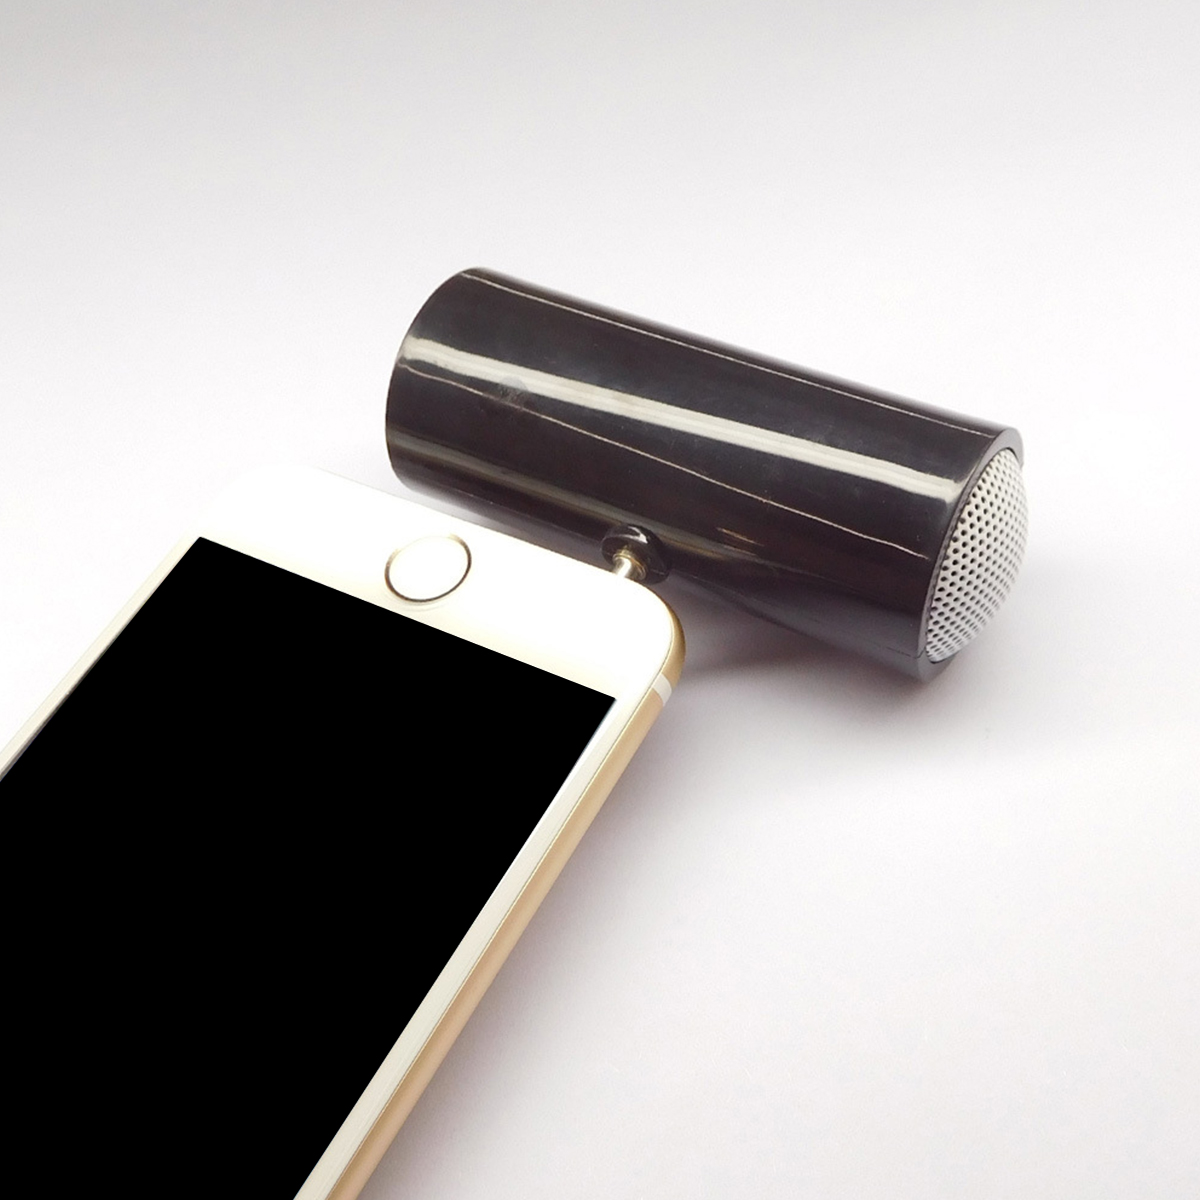 3.5mm Direct Insert Stereo Mini Speaker MP3 Music Player Loudspeaker for Mobile Phone Tablet PC